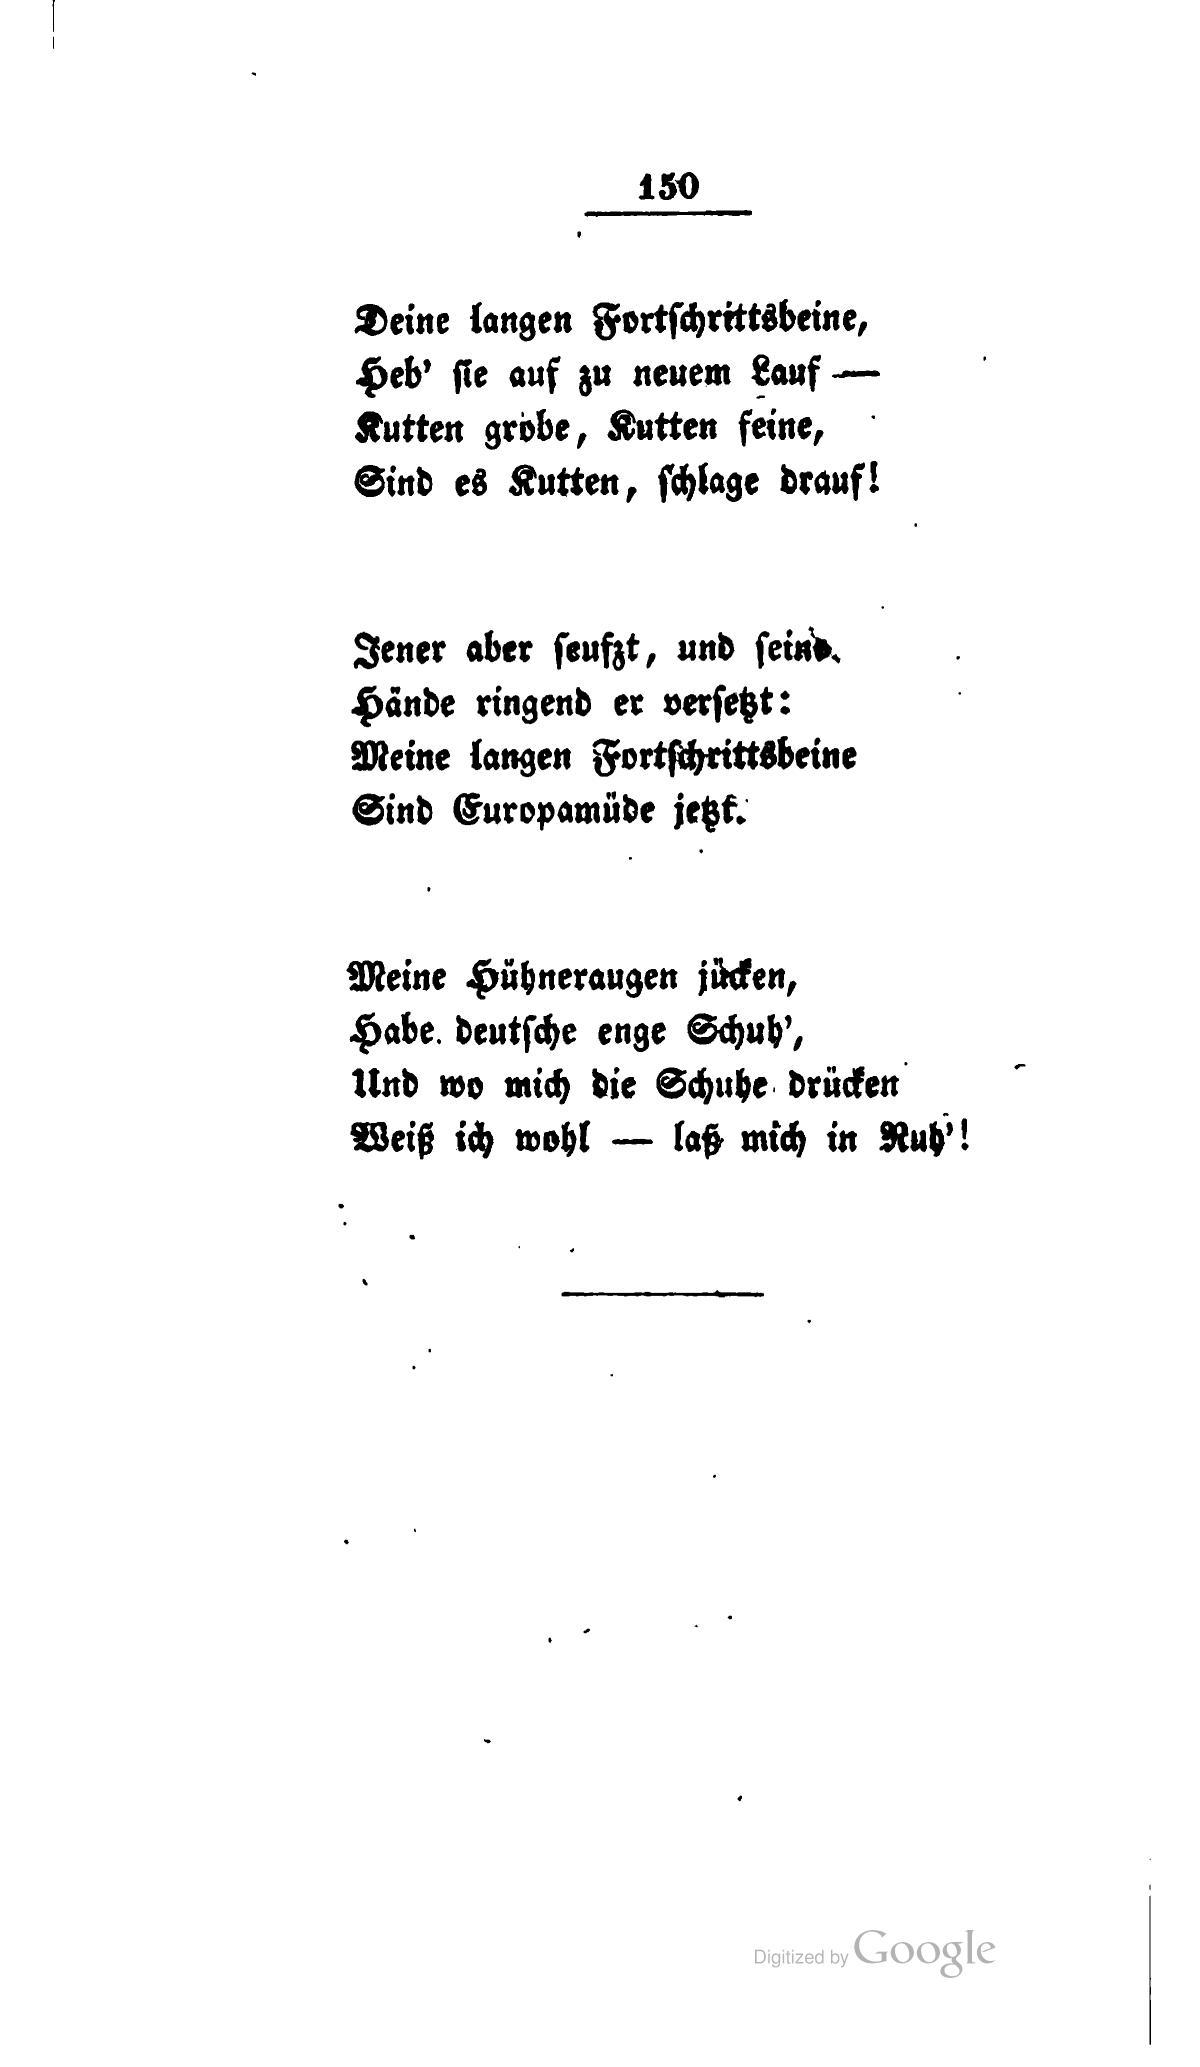 online hier sehen Sonderangebot File:Romanzero (Heine 1851) 150.jpg - Wikimedia Commons